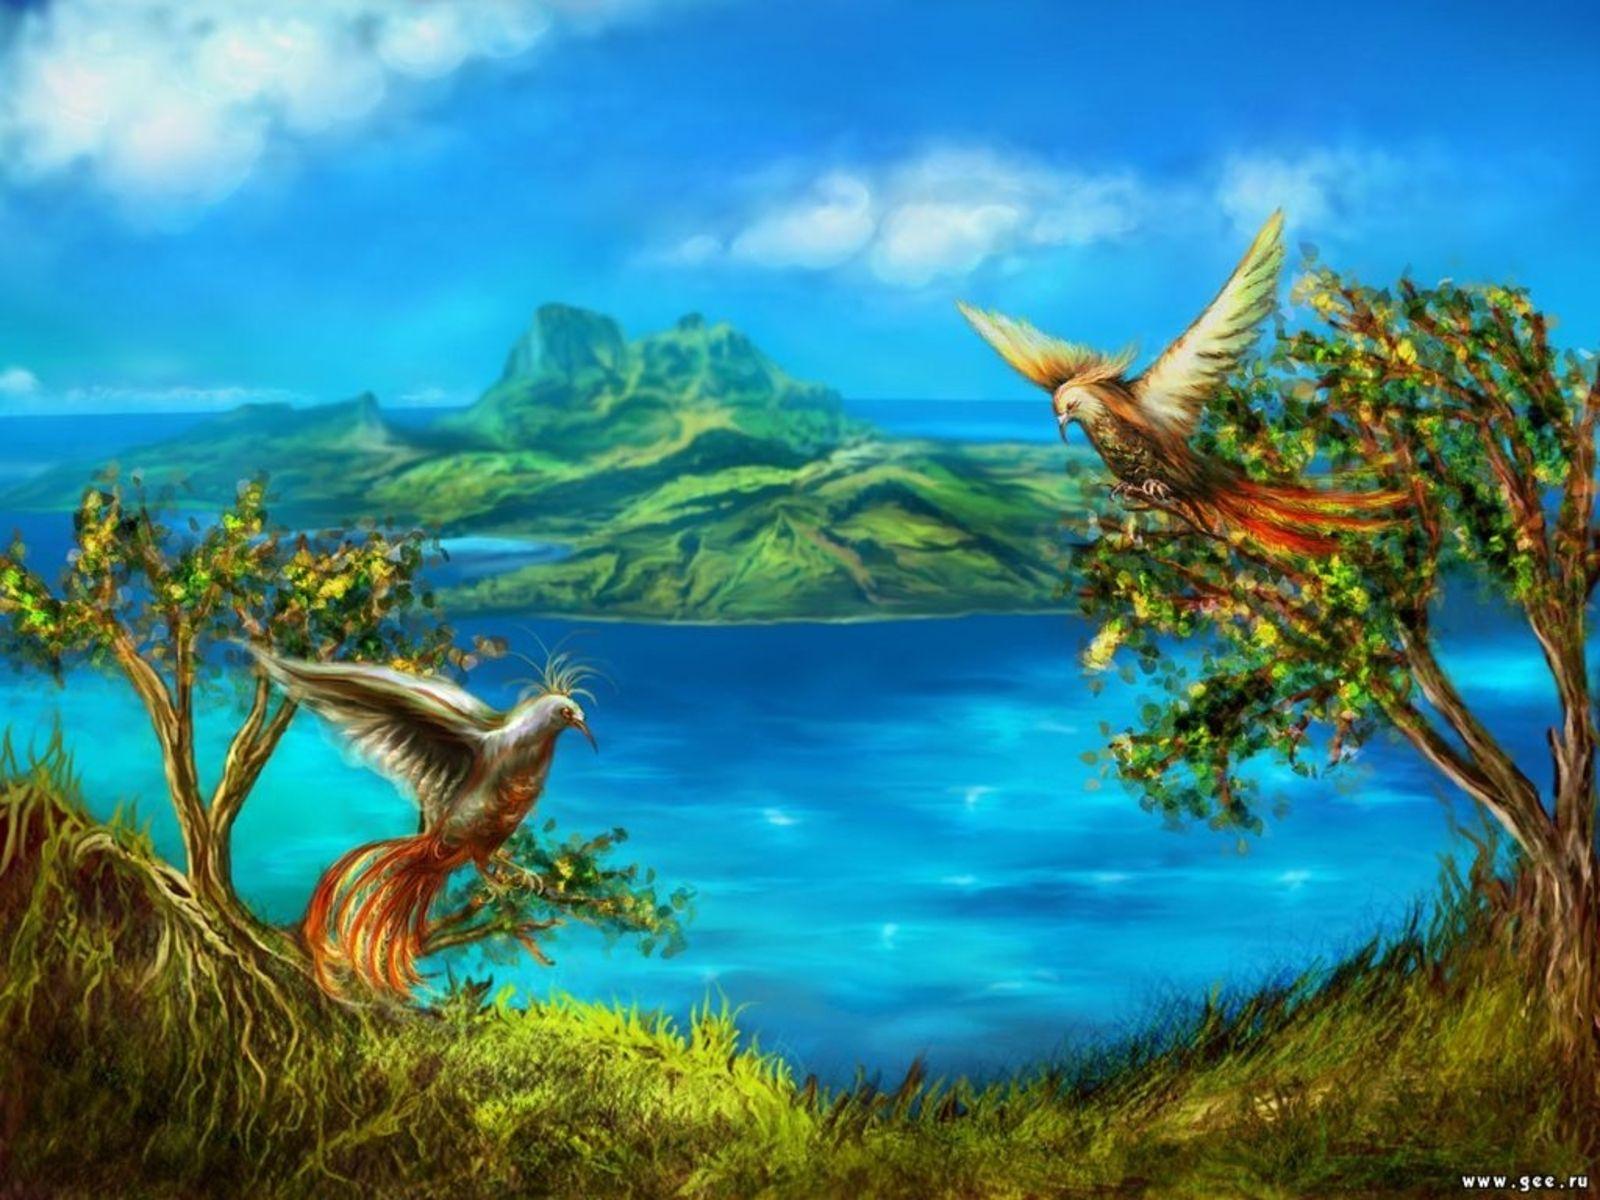 Download Nature Art Desktop Wallpaper Hd Wallpapers Nature Widescreen   a   Pinterest ...